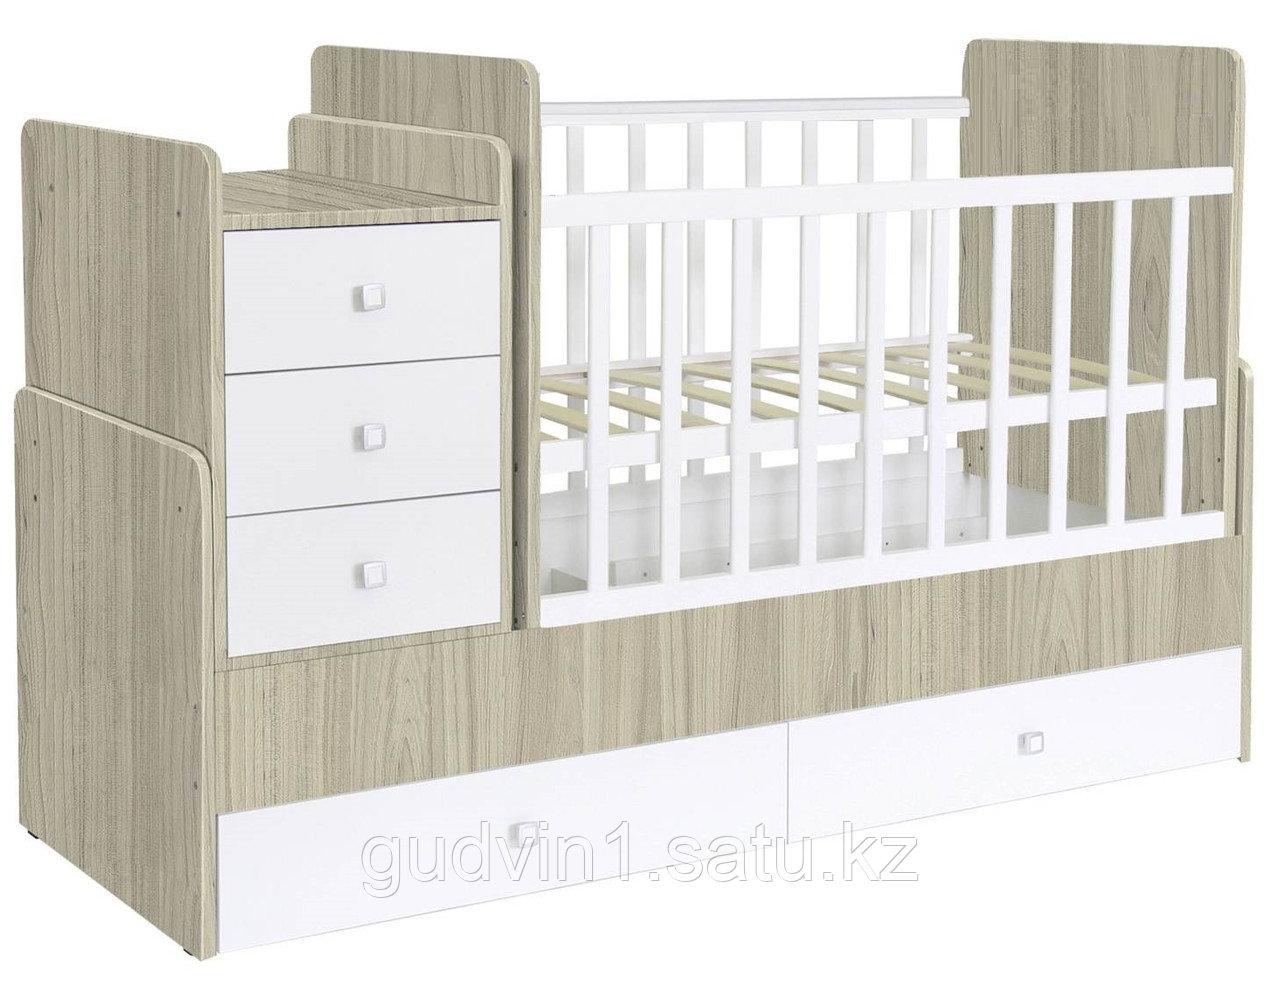 Детская кроватка-трансформер Фея 1100 вязь-белый 00-63127